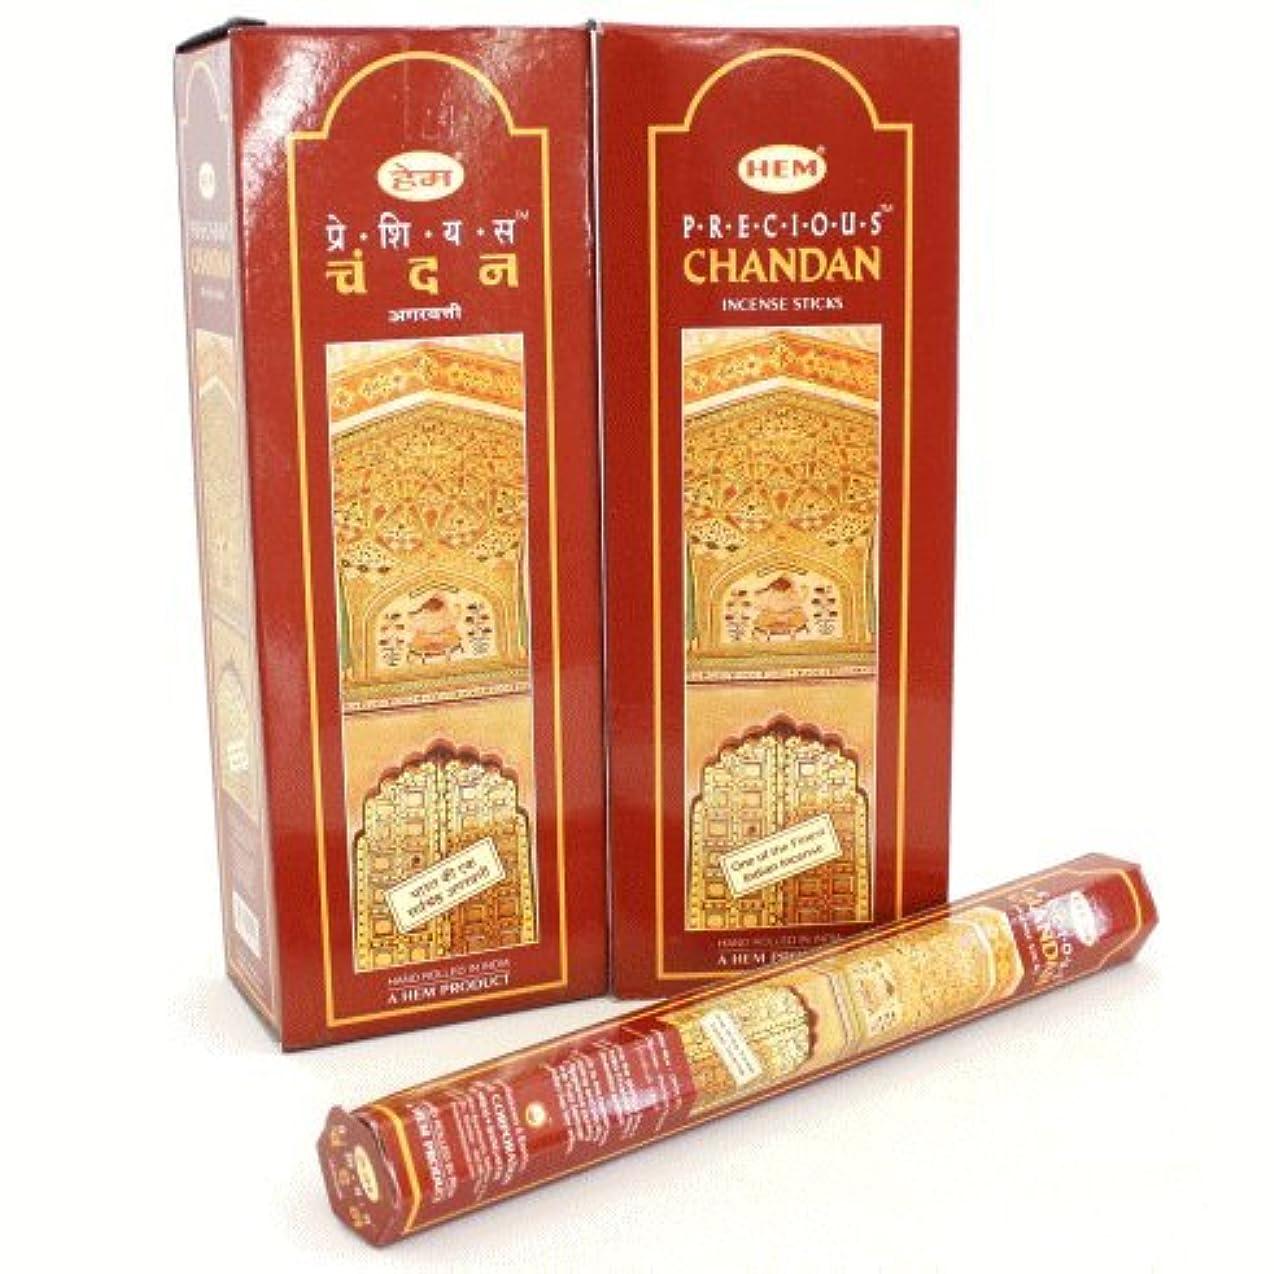 ジェット肉屋バーゲンHEM チャンダン香 スティック ヘキサパック(六角) 12箱セット HEM CHANDAN